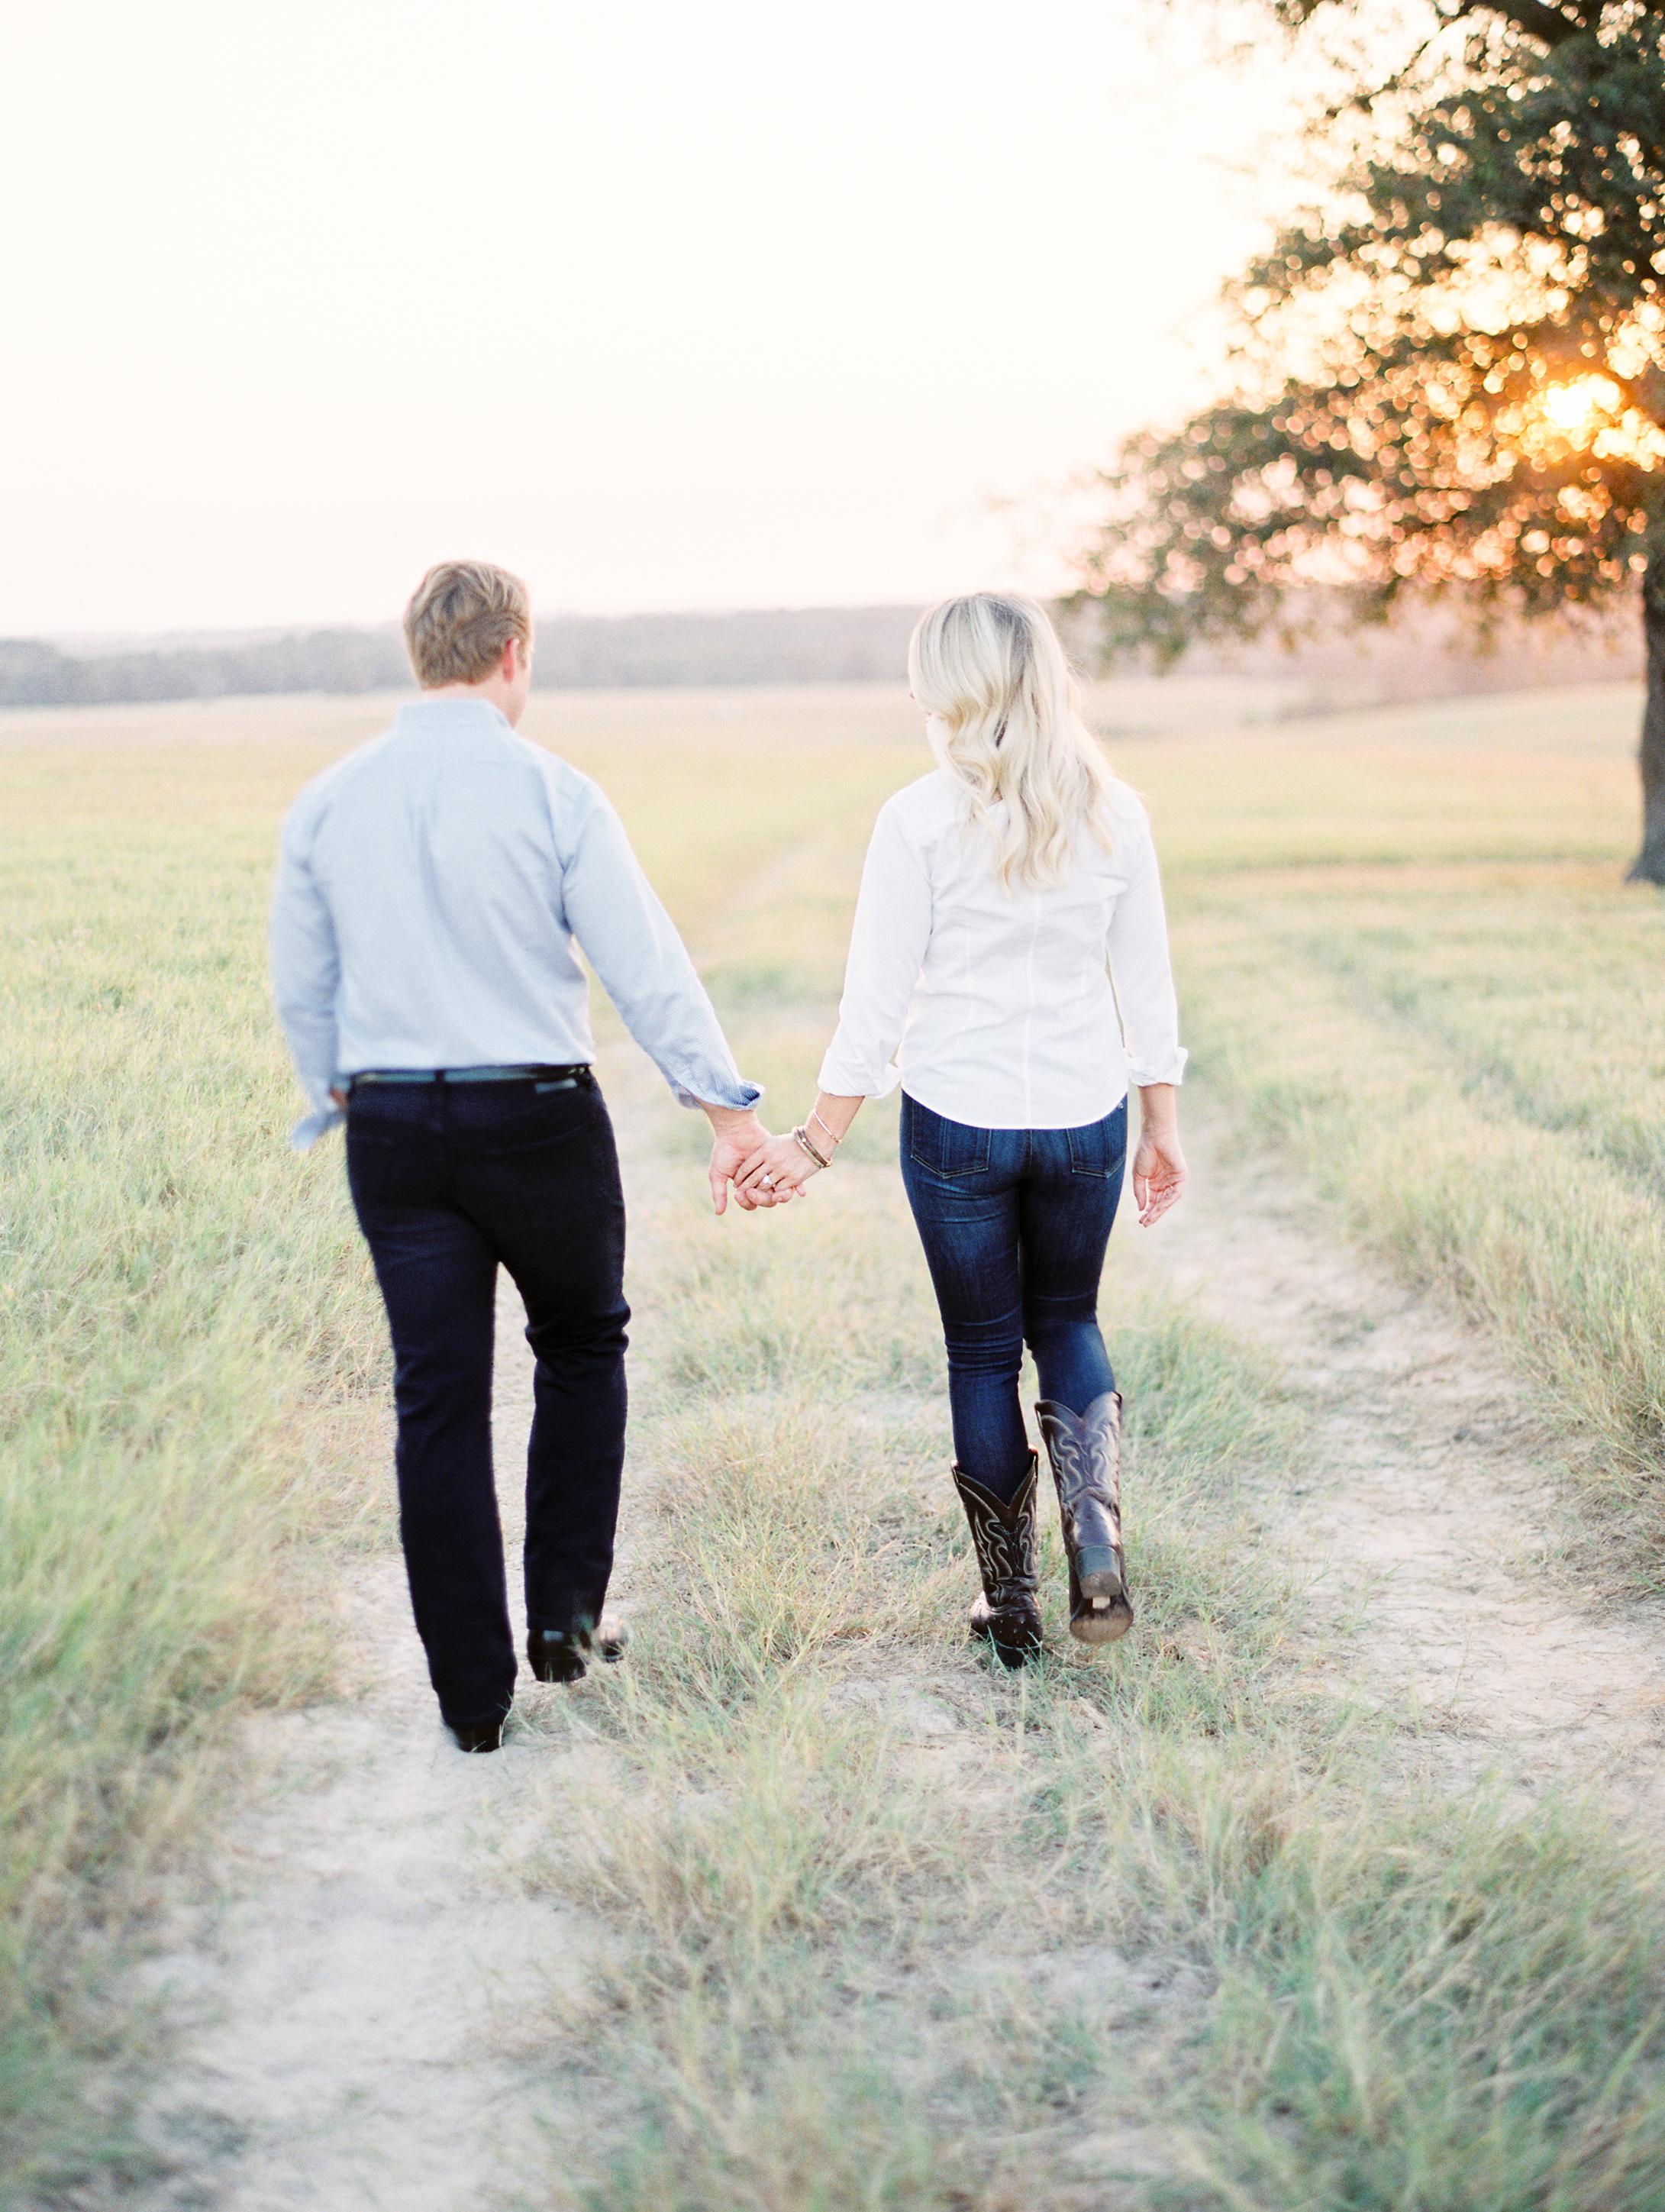 Lauren+John+Engaged+TX-15.jpg